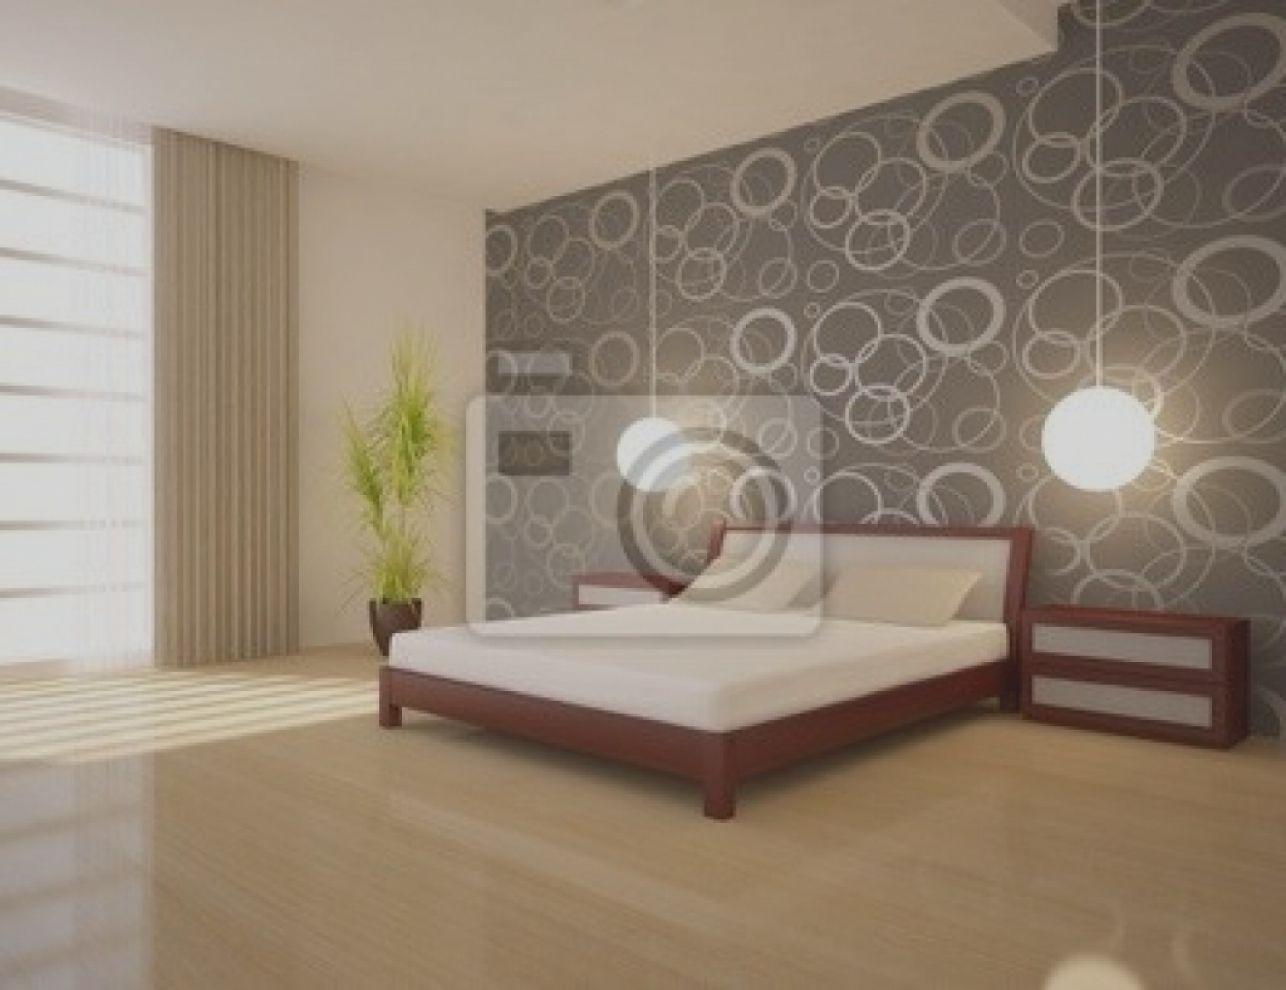 Wunderbar Moderne Tapete Für Schlafzimmer